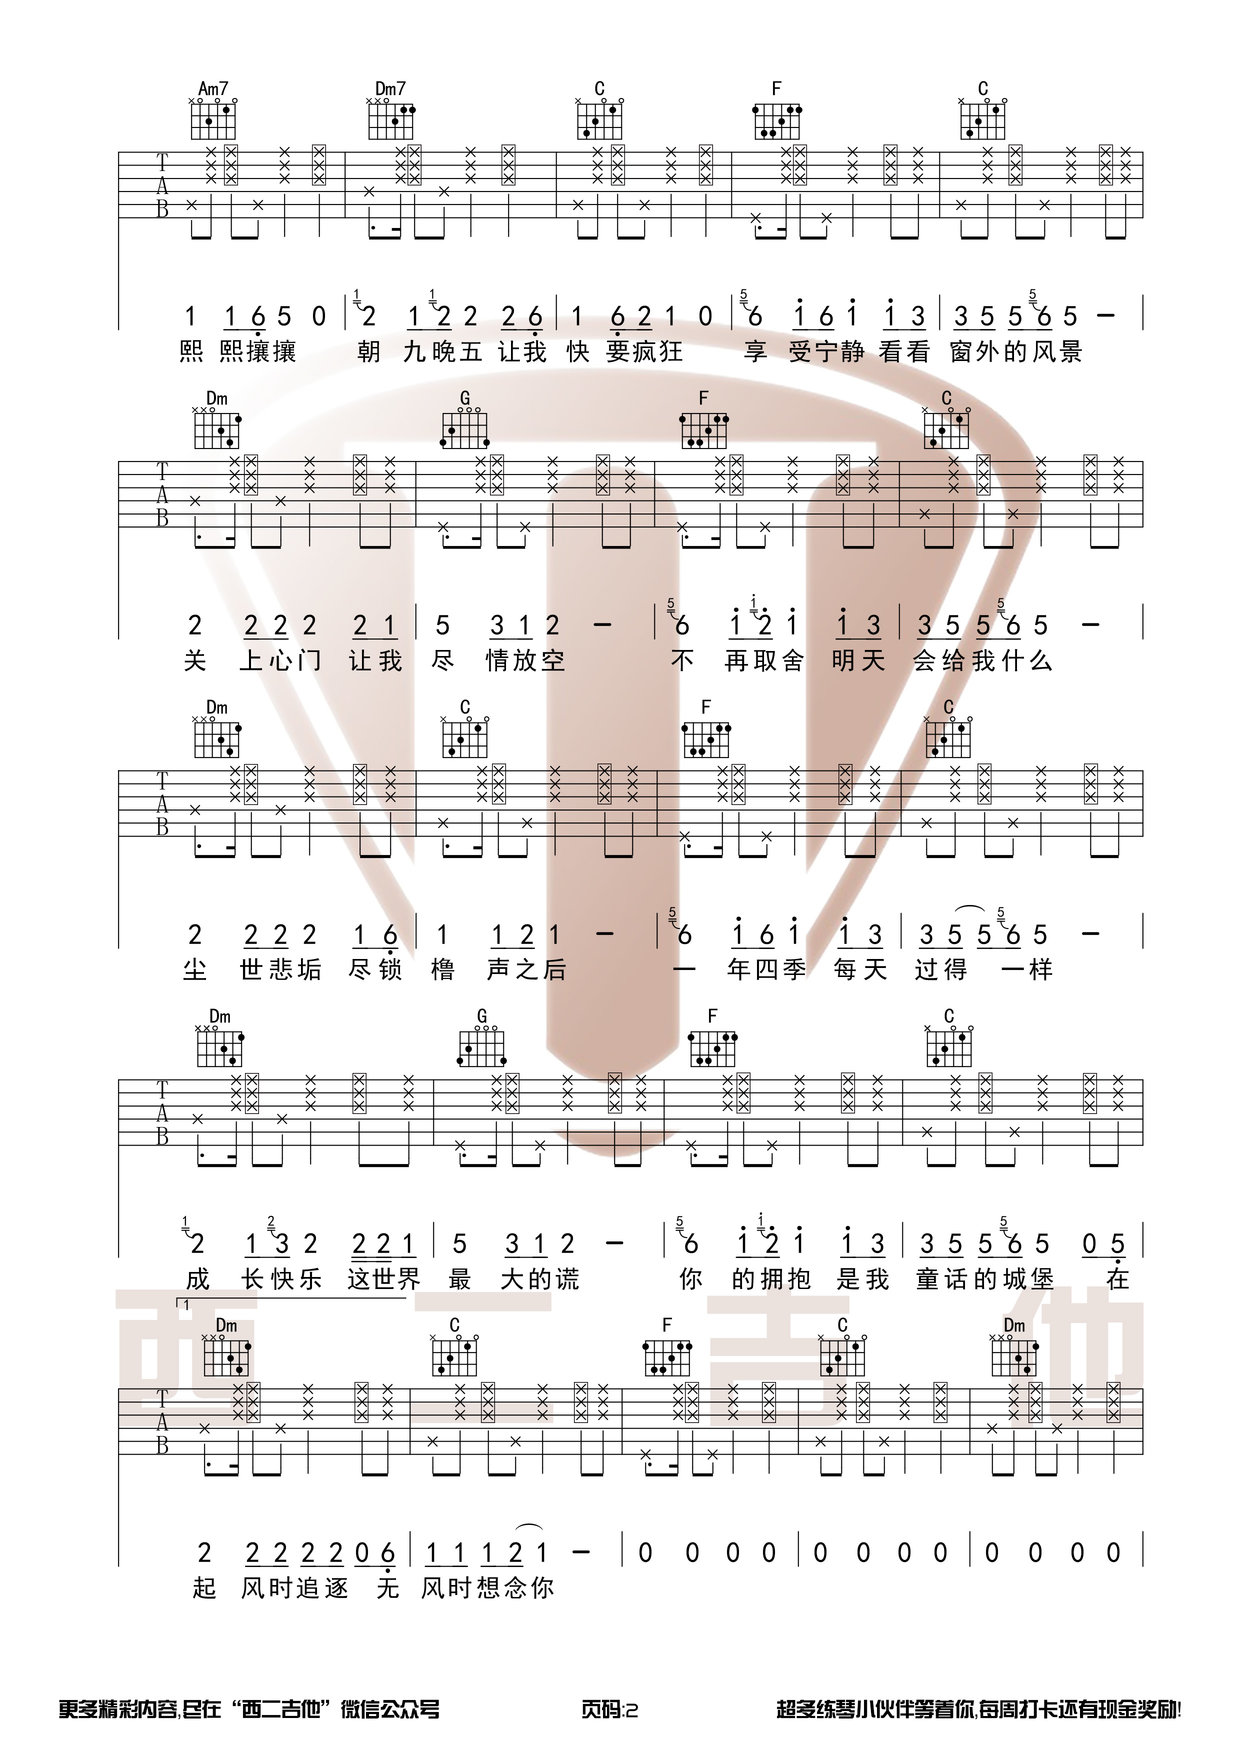 夏謠-煙把兒樂隊-图片吉他谱-2